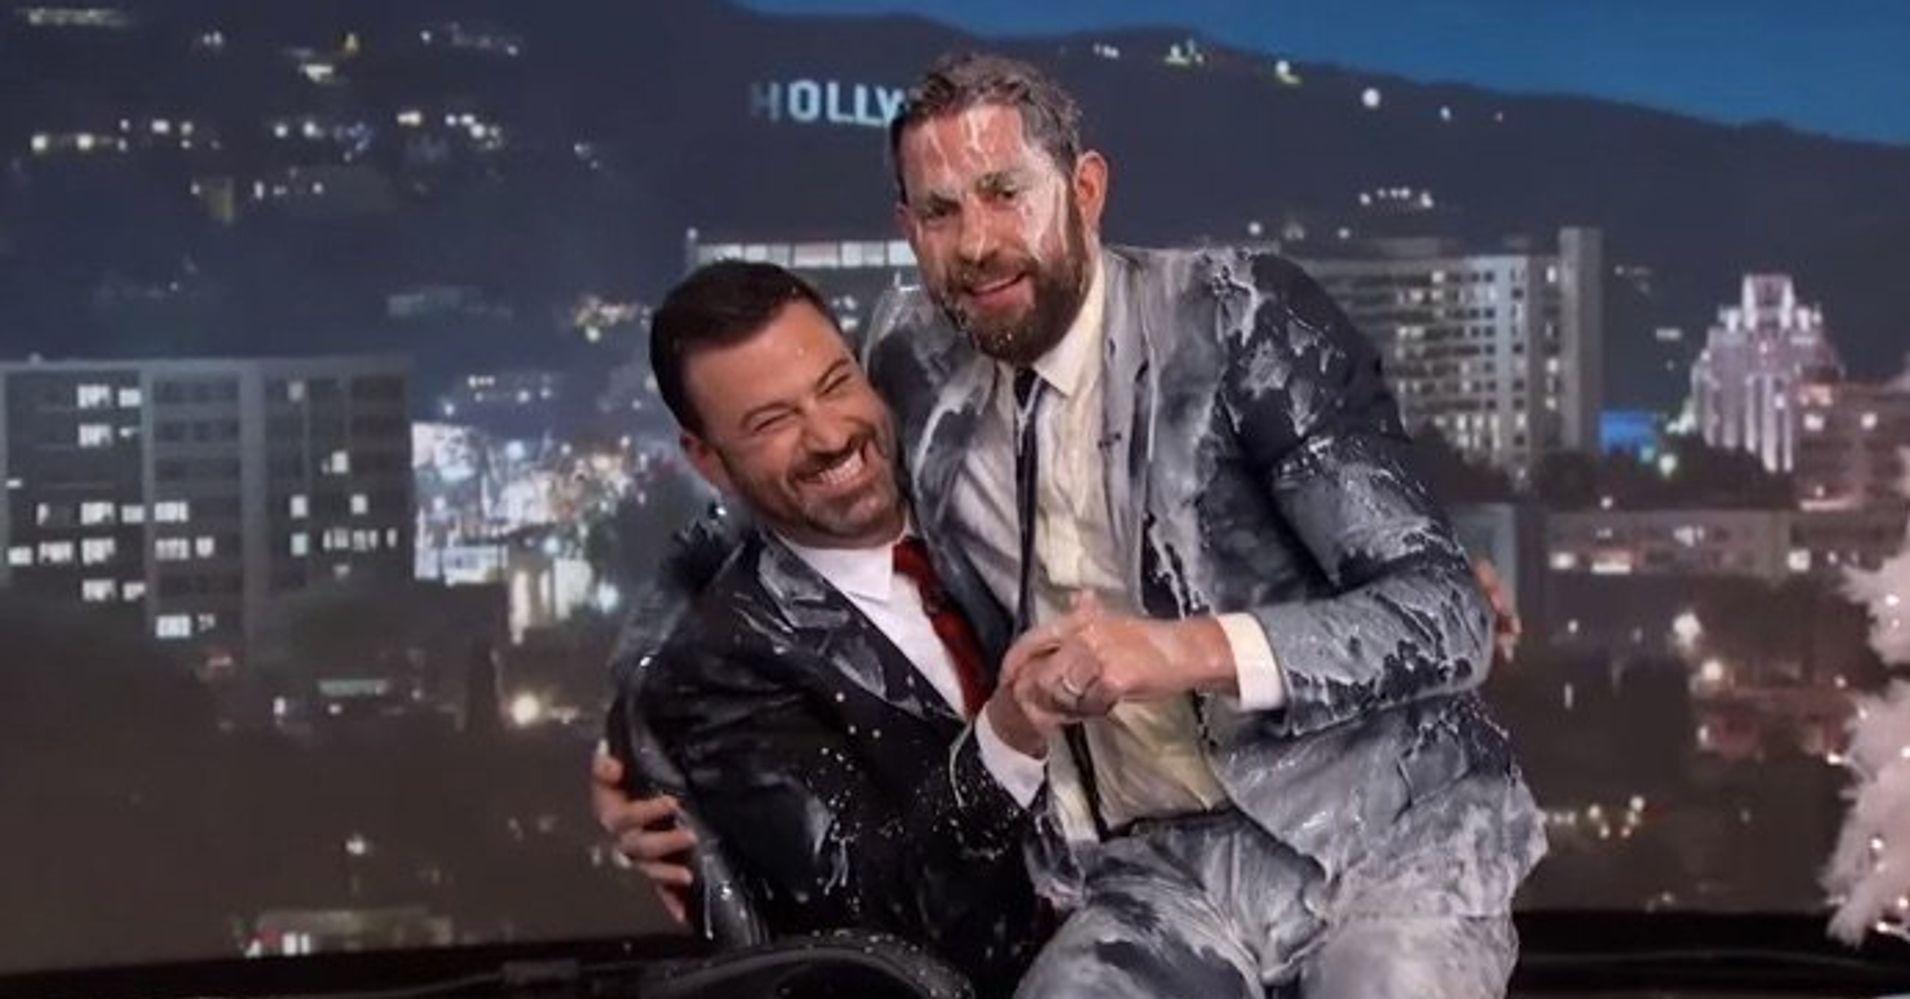 John Krasinski Gets Covered In Eggnog For Jimmy Kimmel\'s Christmas ...